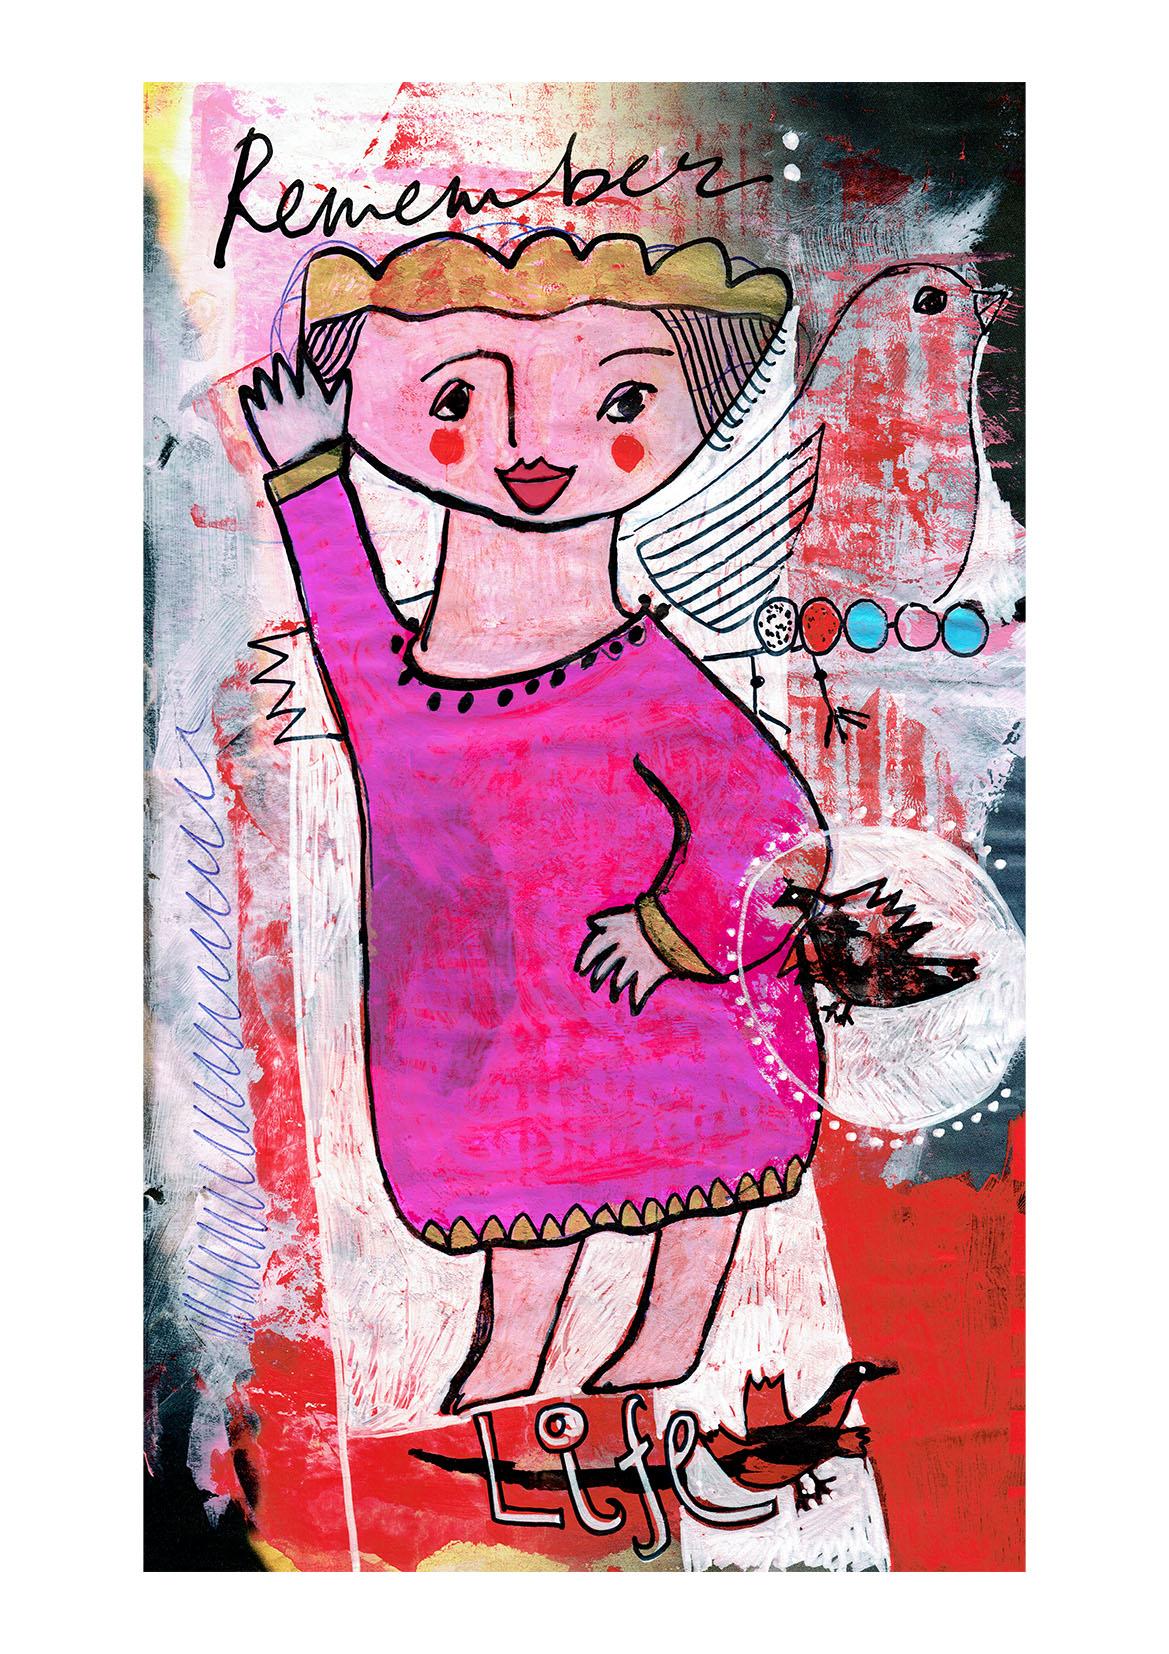 19b corona artprint mariska eyck A3 book of courage 100 jpeg